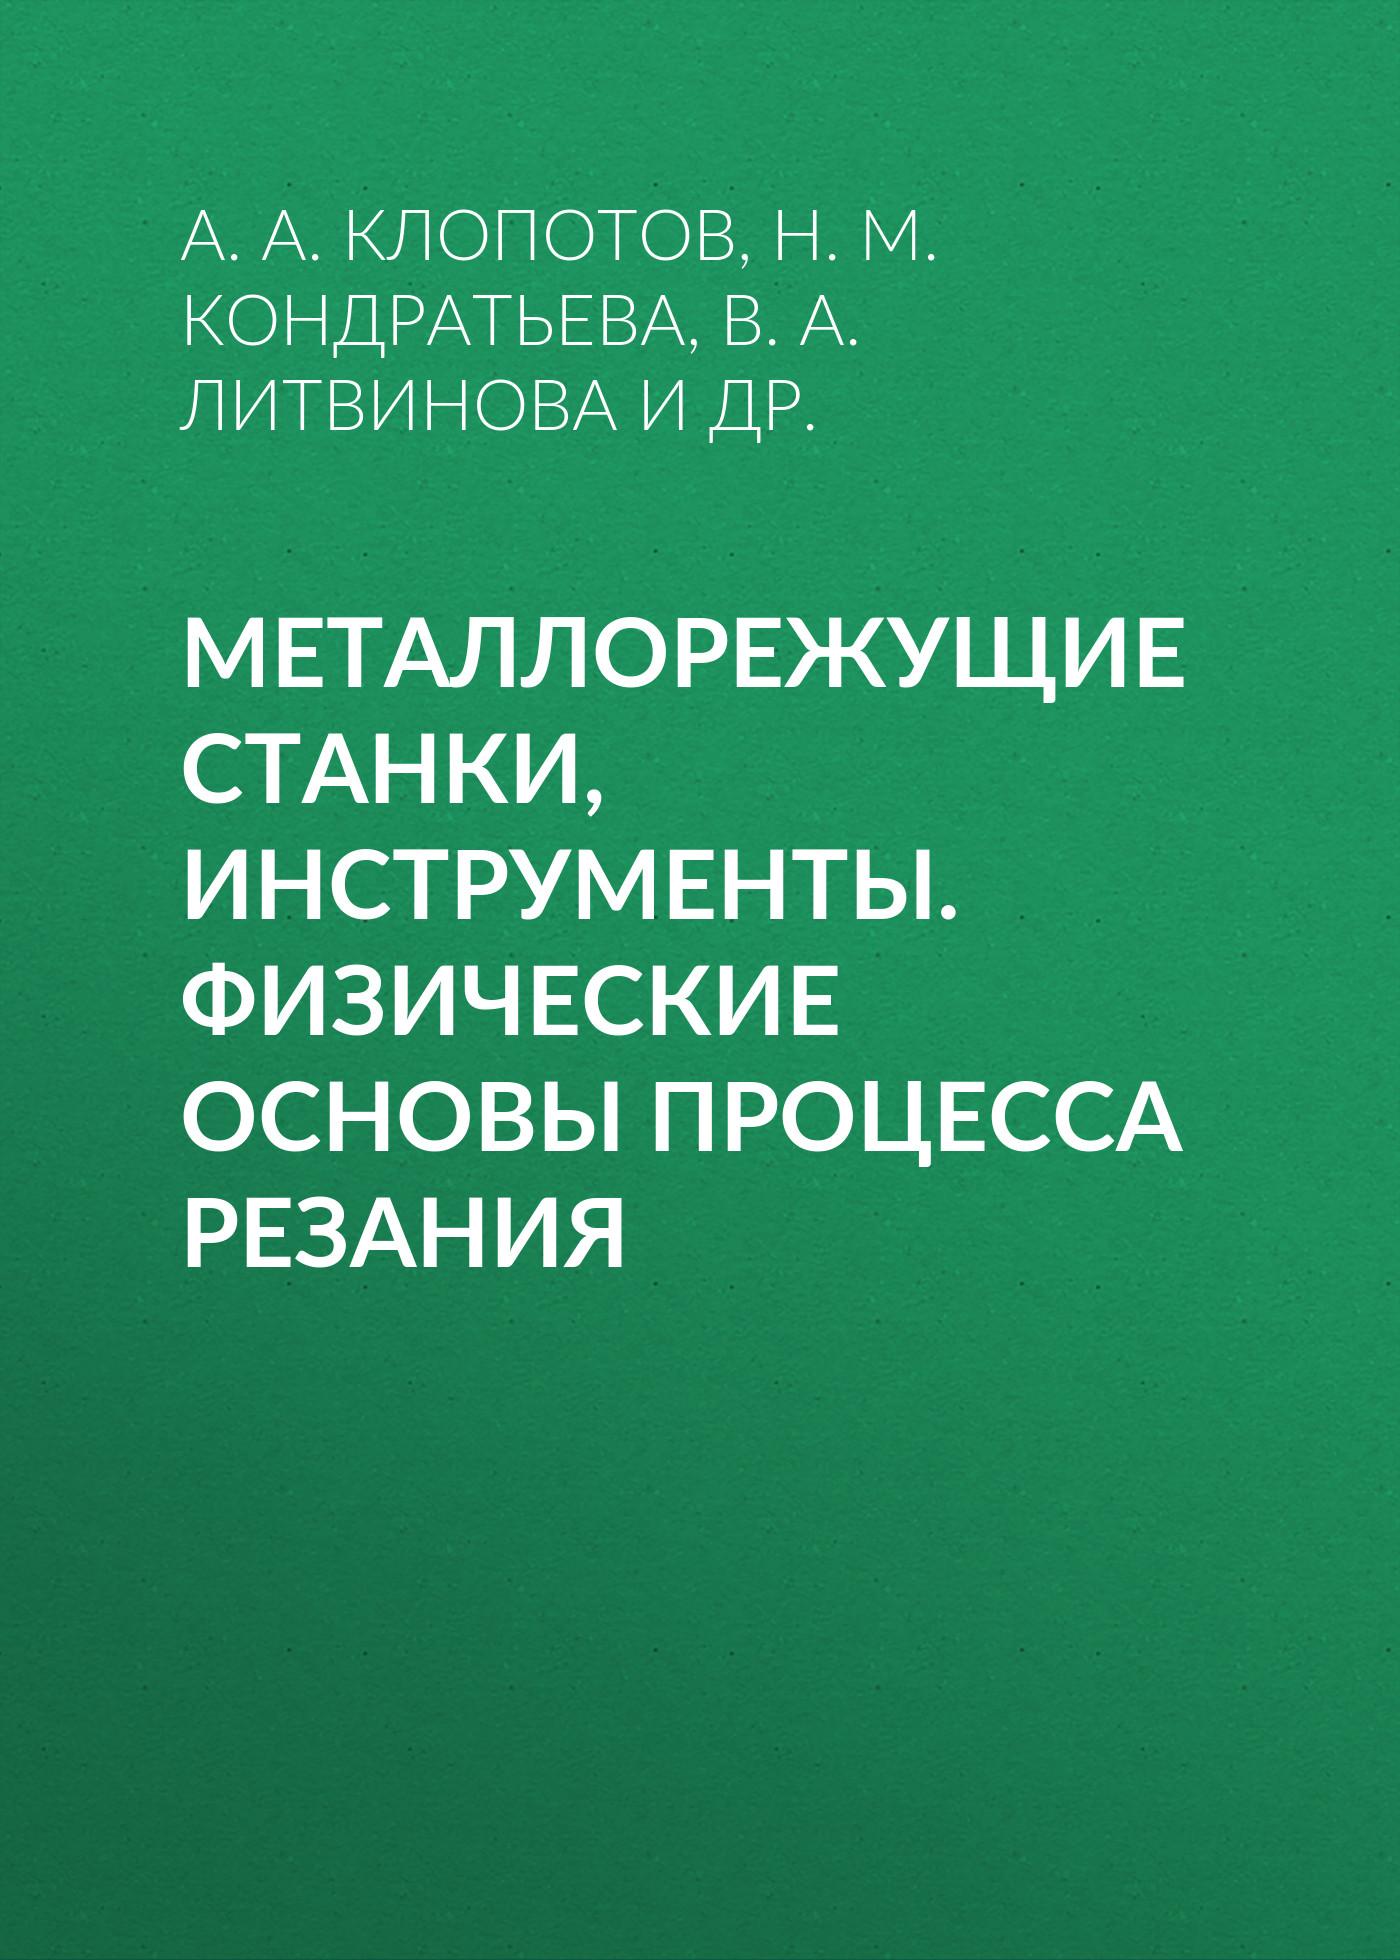 Н. М. Кондратьева Металлорежущие станки, инструменты. Физические основы процесса резания м ю сибикин технологическое оборудование металлорежущие станки